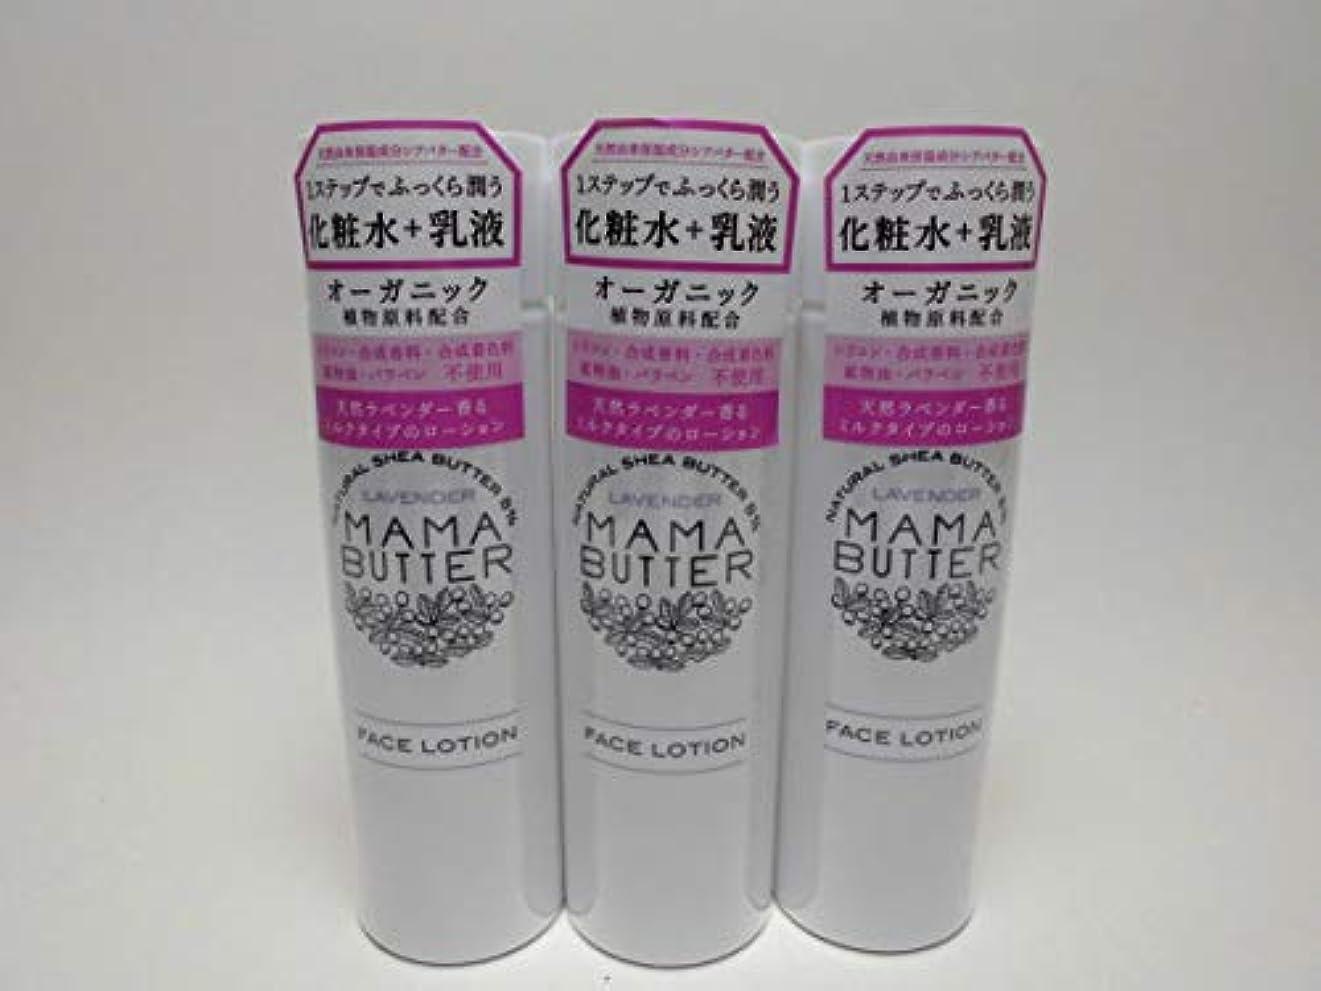 怒っている自動的に創傷【3個セット】ママバター 化粧水 フェイスローション 200ml 定価1620円